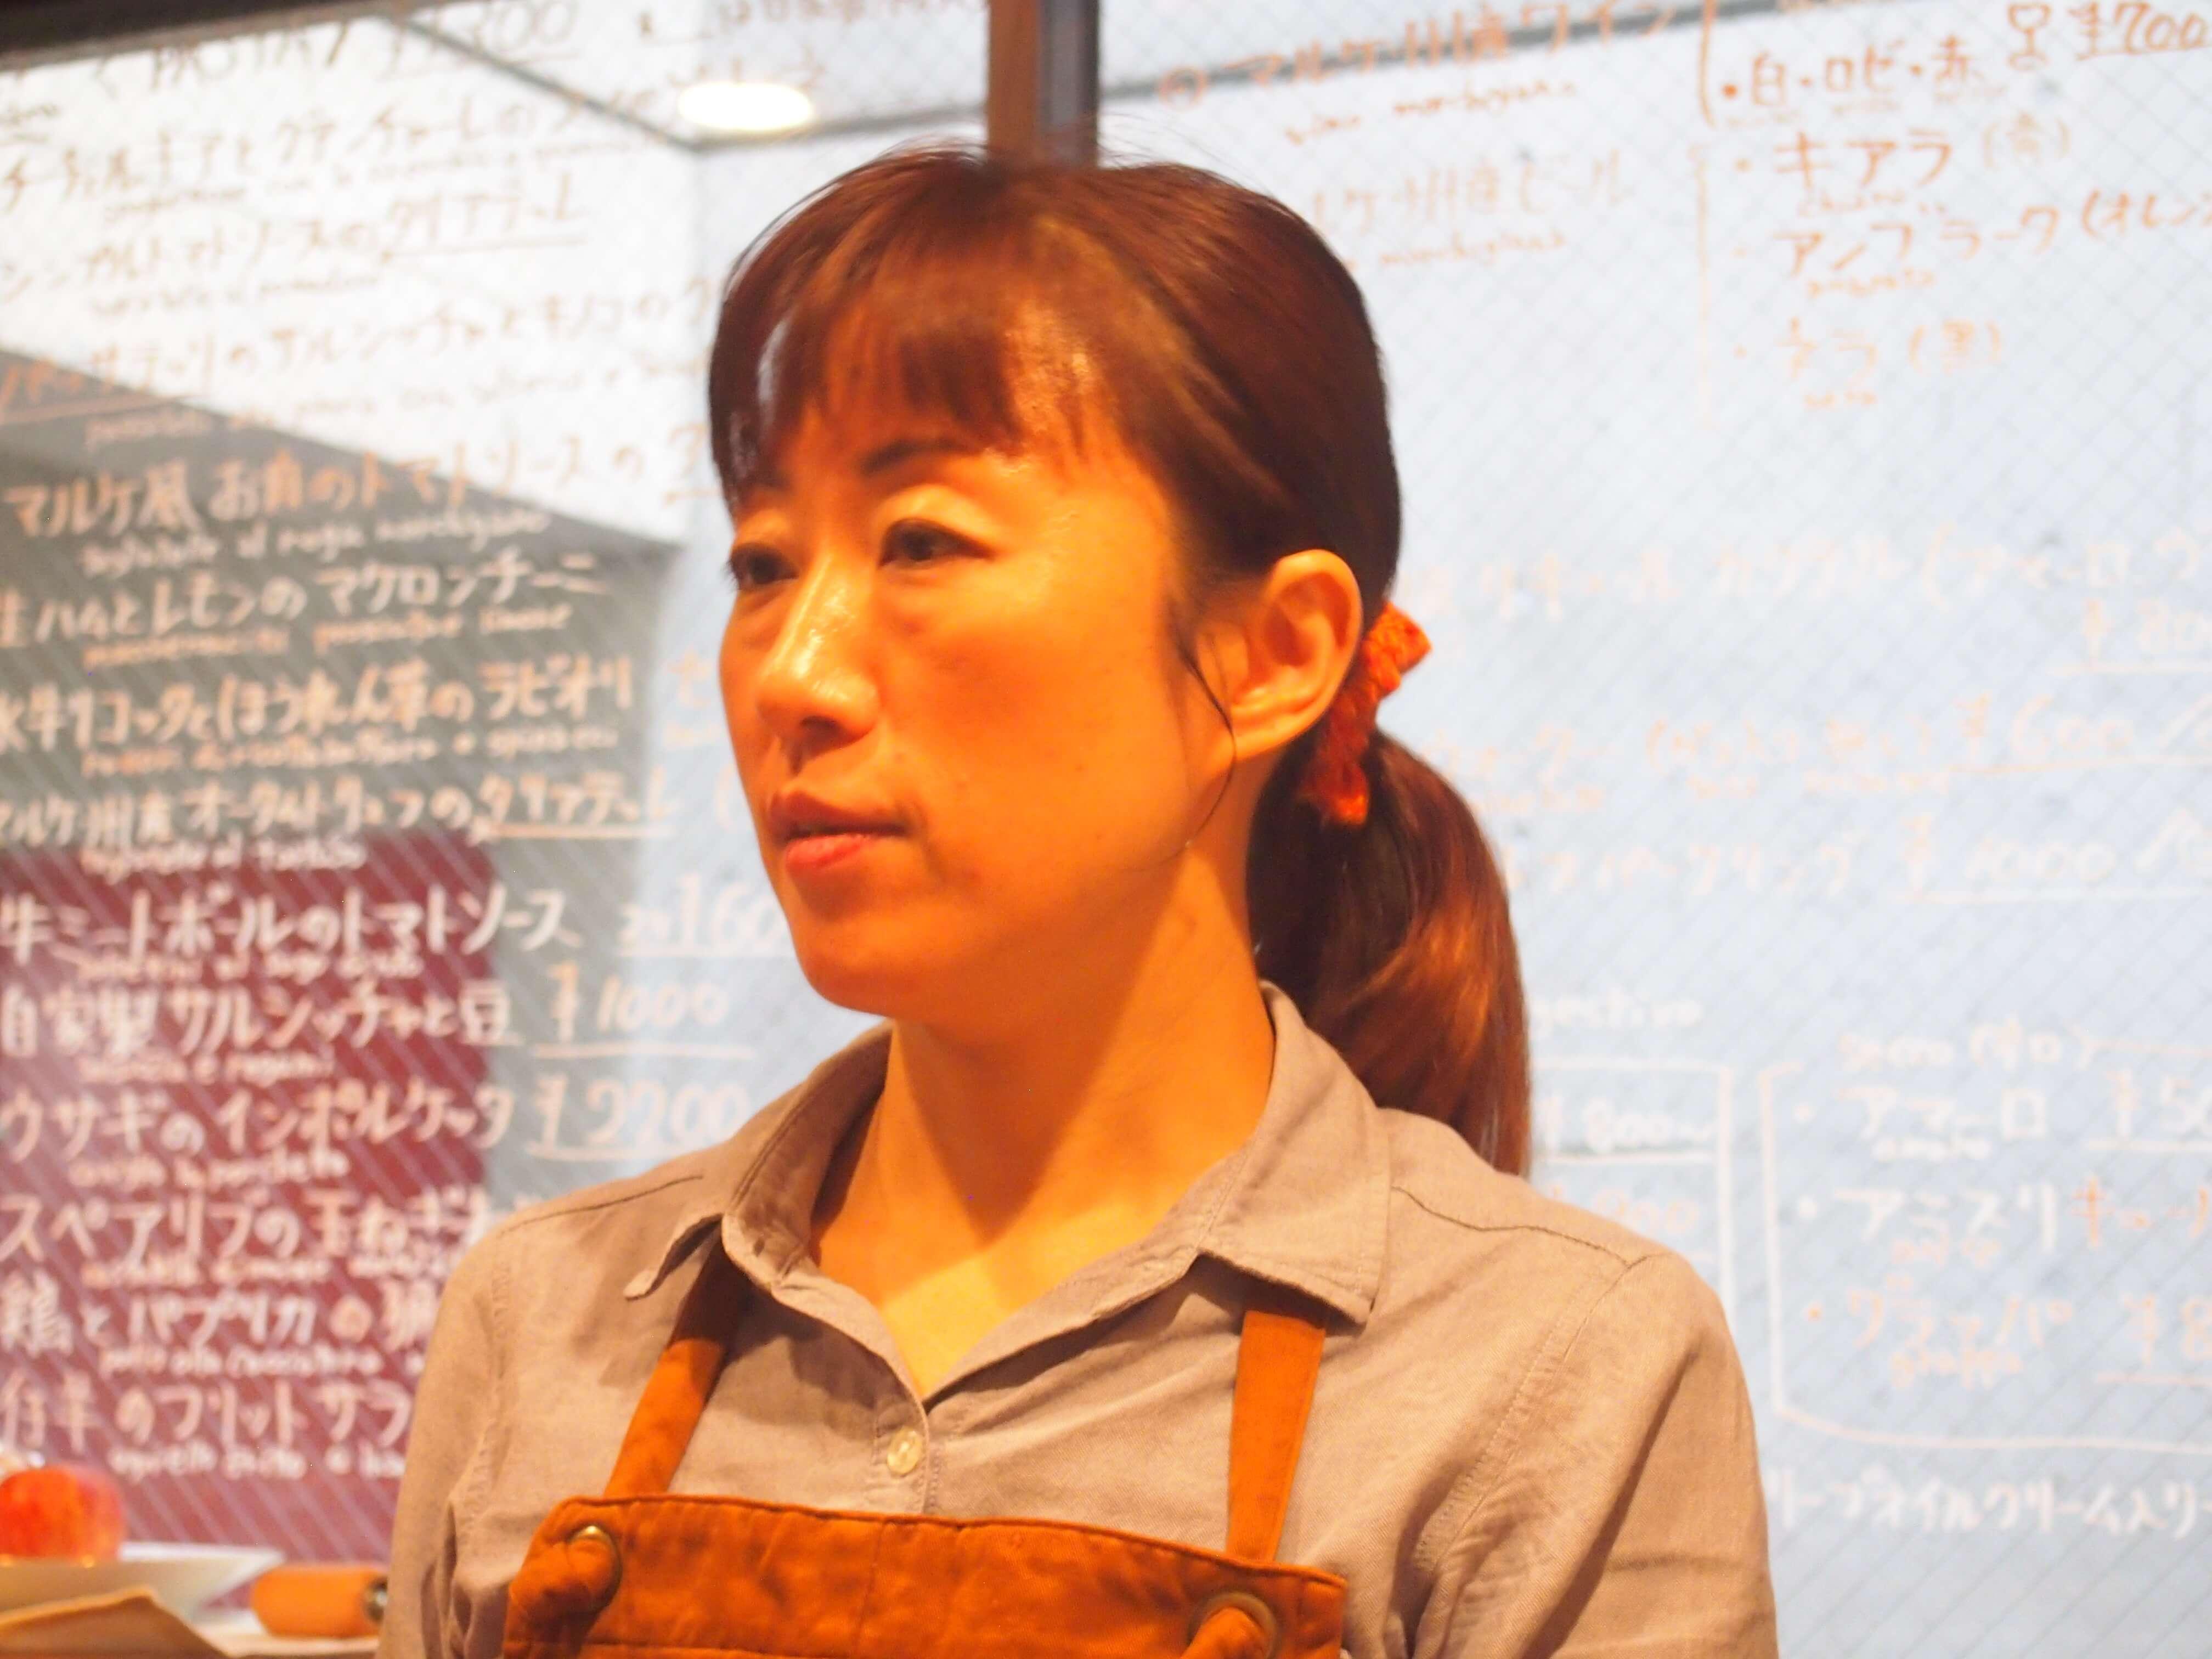 日本のマルケ料理の第一人者ともいえる連(むらじ)久美子シェフ。マルケで地産地消、スローフードの真髄を体験しました。